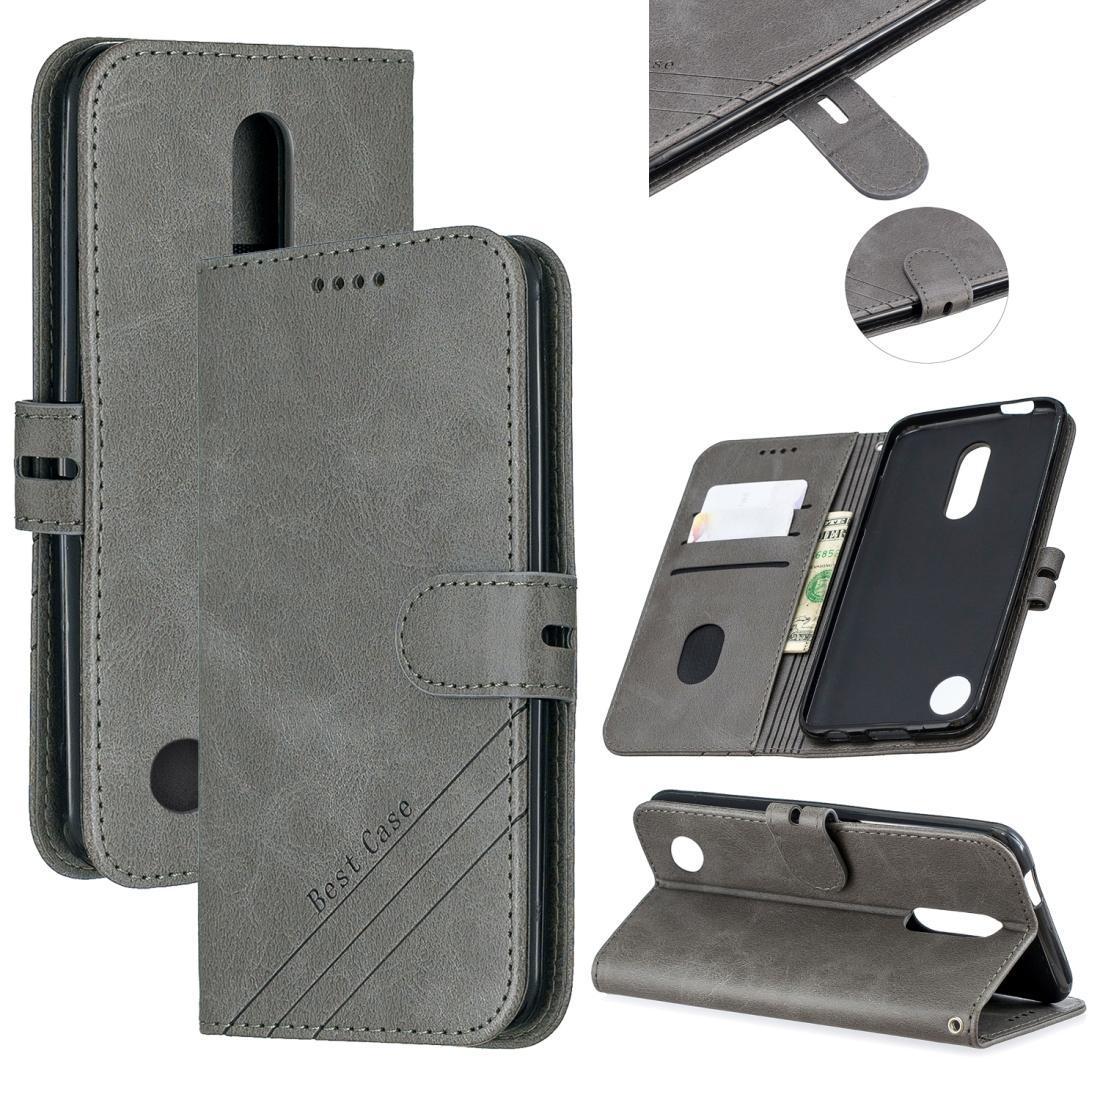 Para LG K10 2017 Estilo De Costura de 2 cores textura de vaca caixa Horizontal Flip PU Couro Com ranhura de cartão de suporte